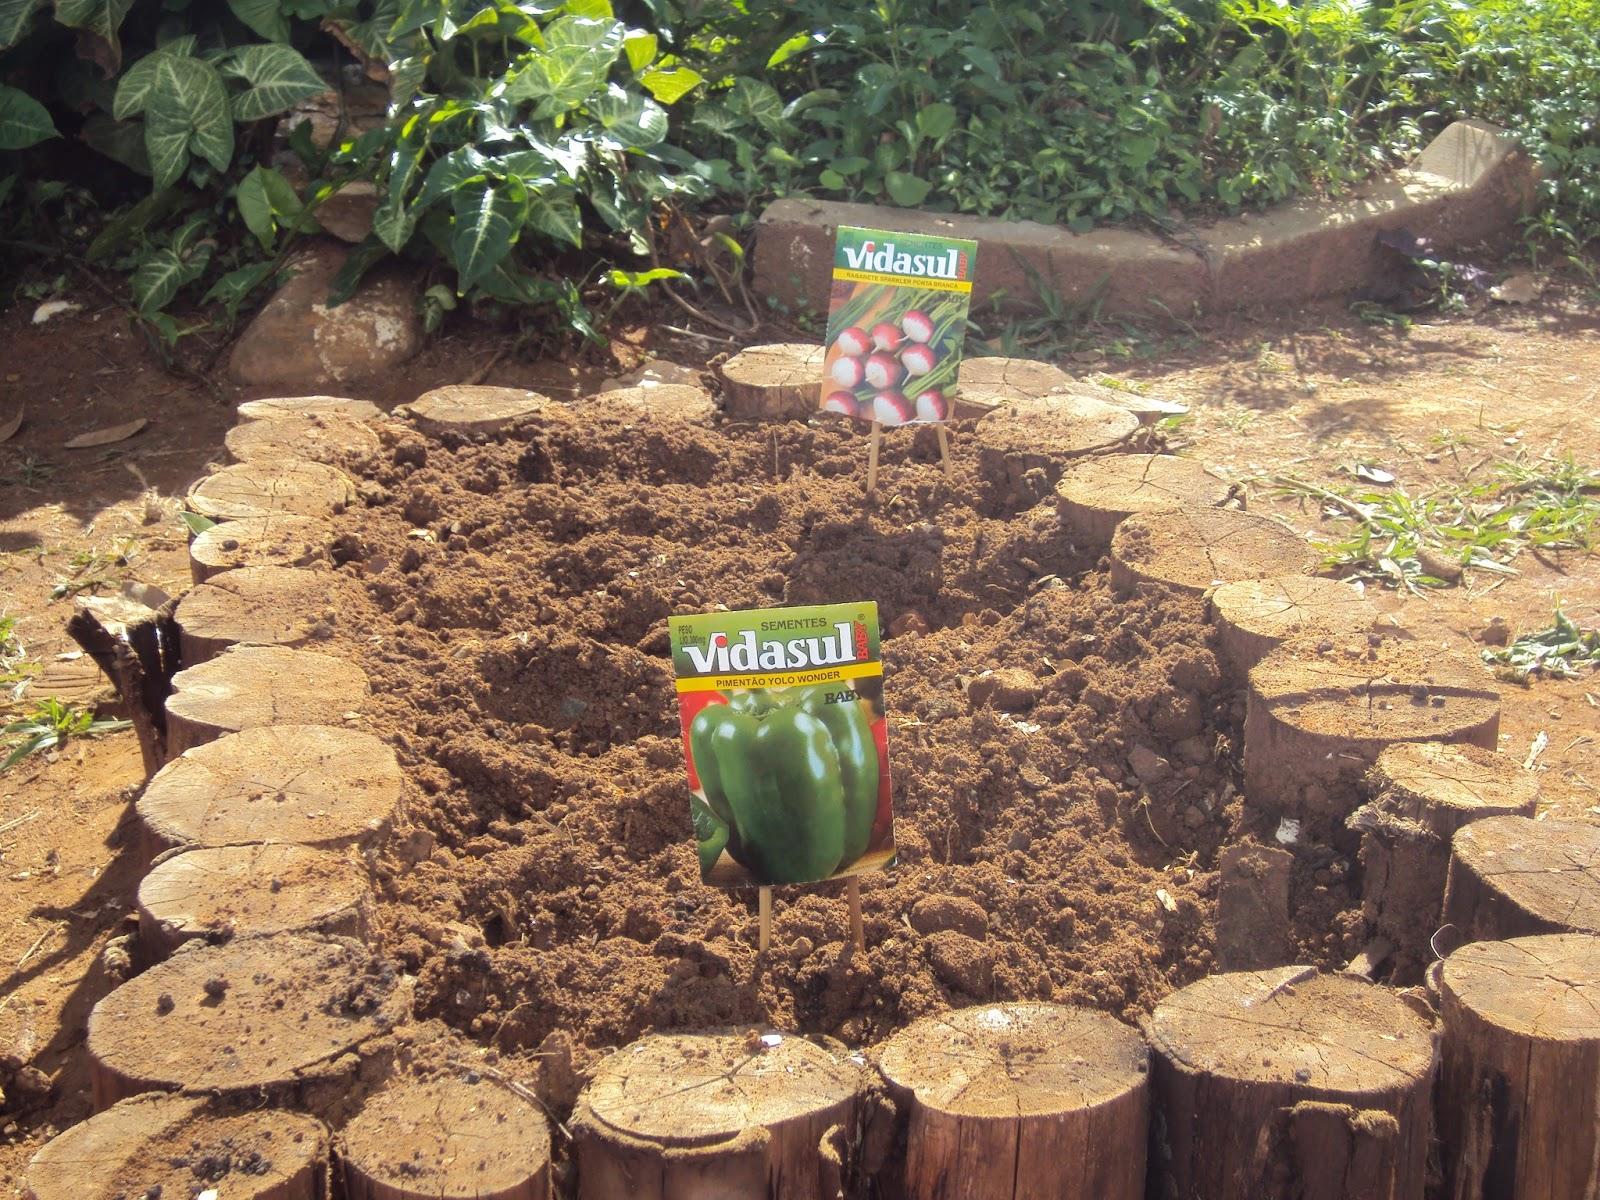 horta e jardim juntos:Jardins dos Sentidos: UMA MANHÃ NA HORTA E NO JARDIM